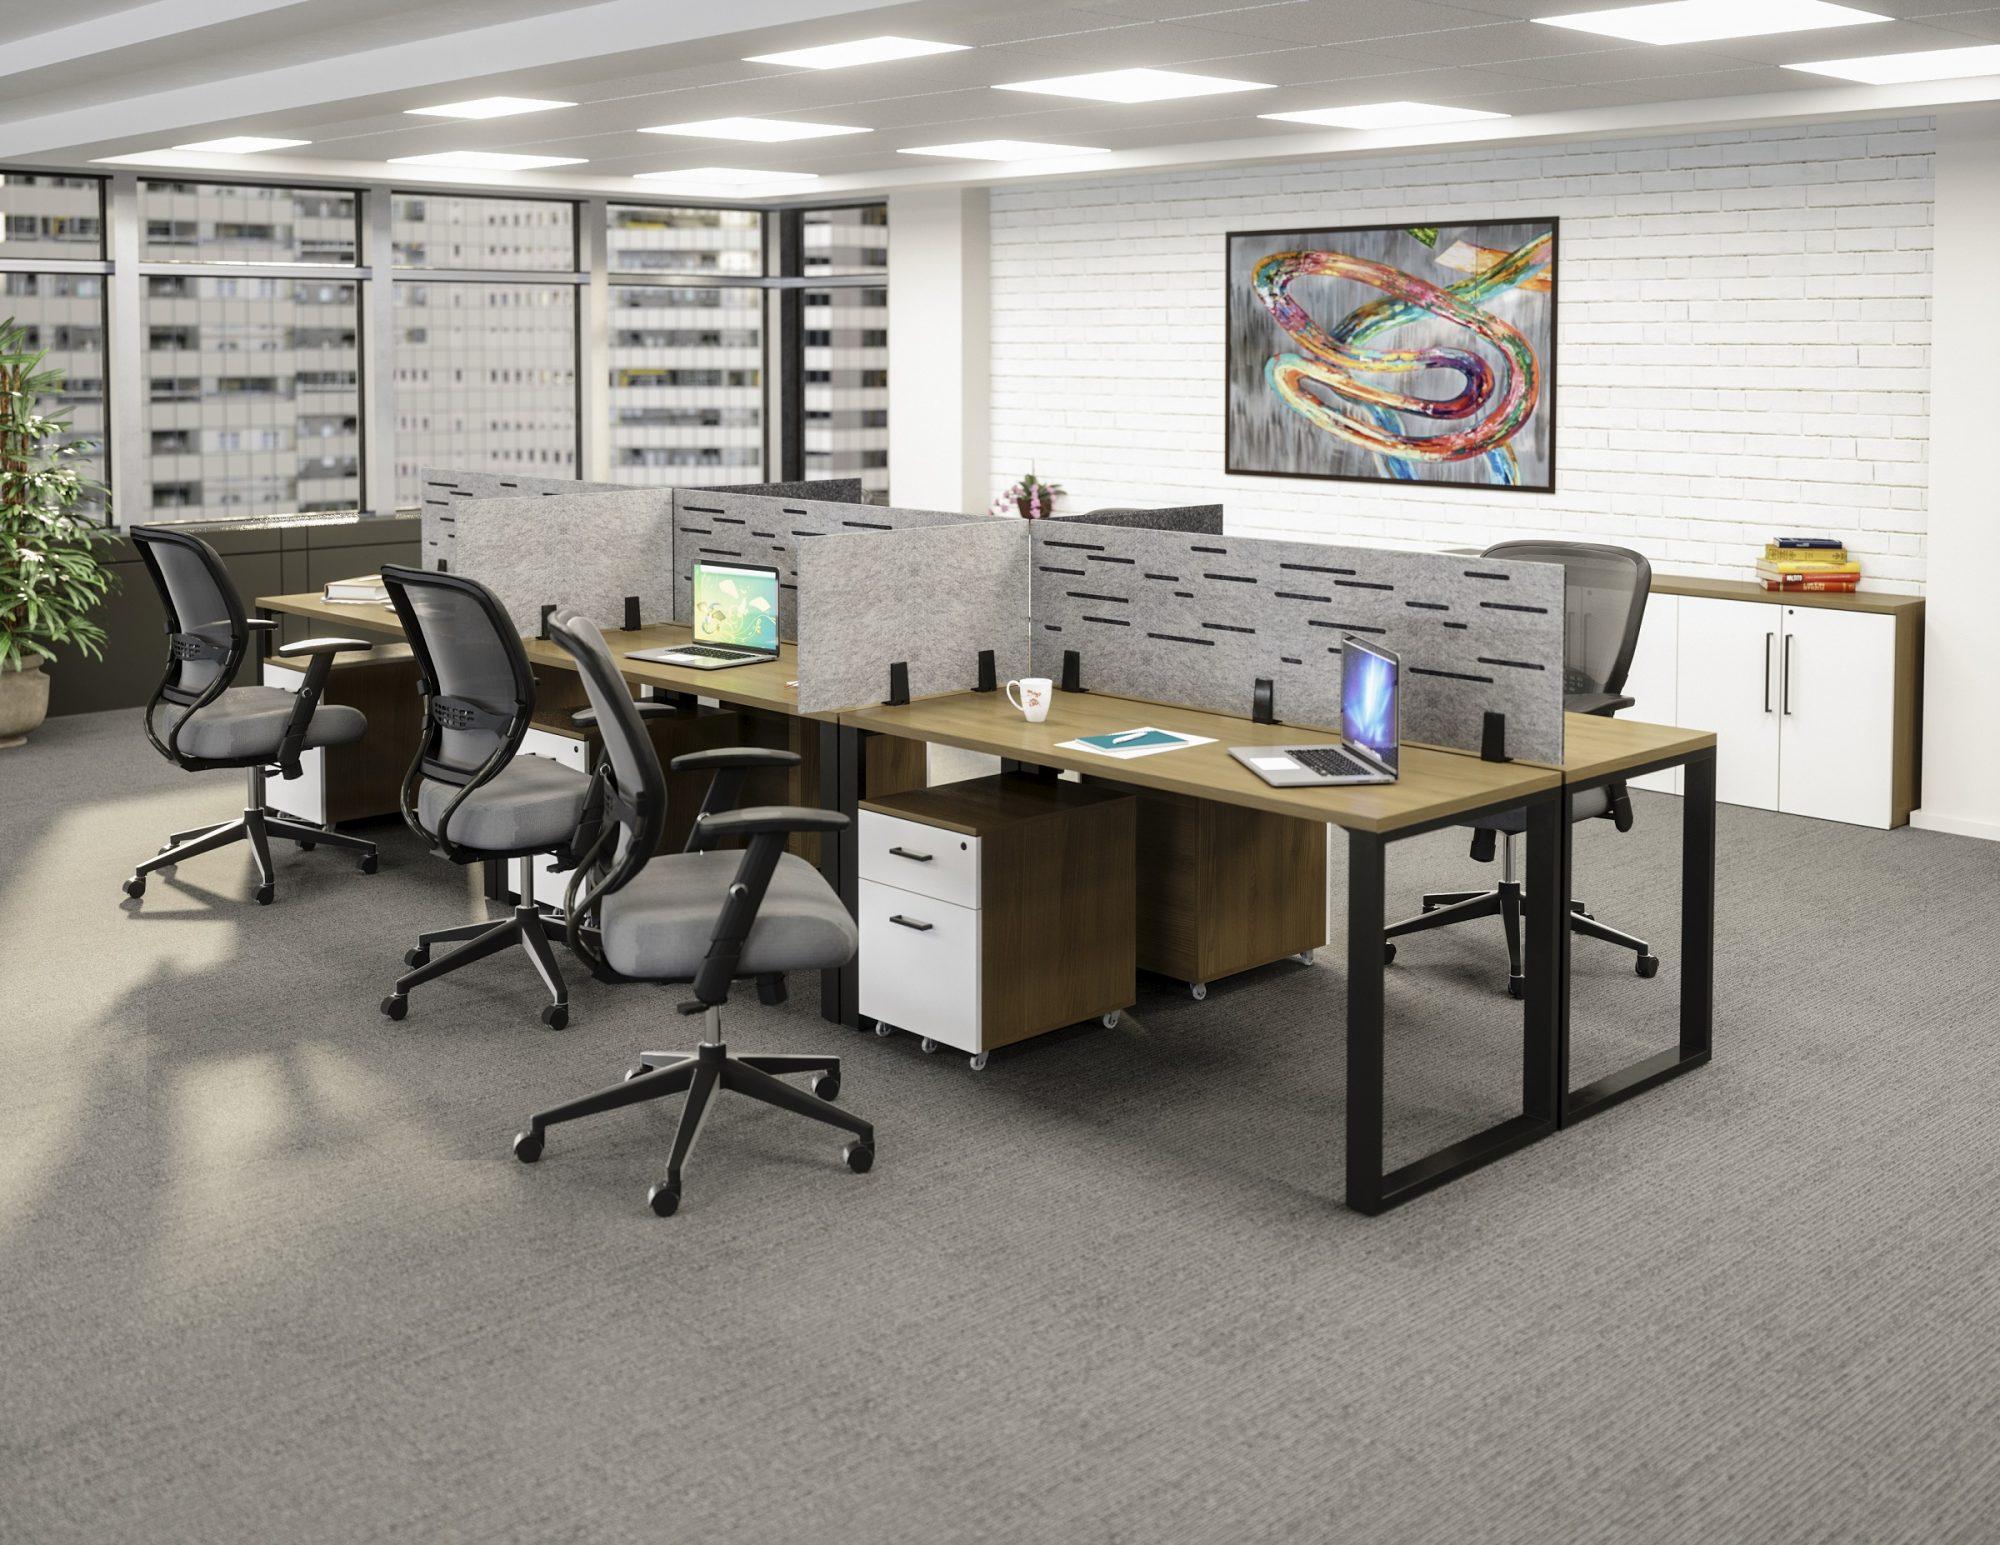 1003 Desk Dividers